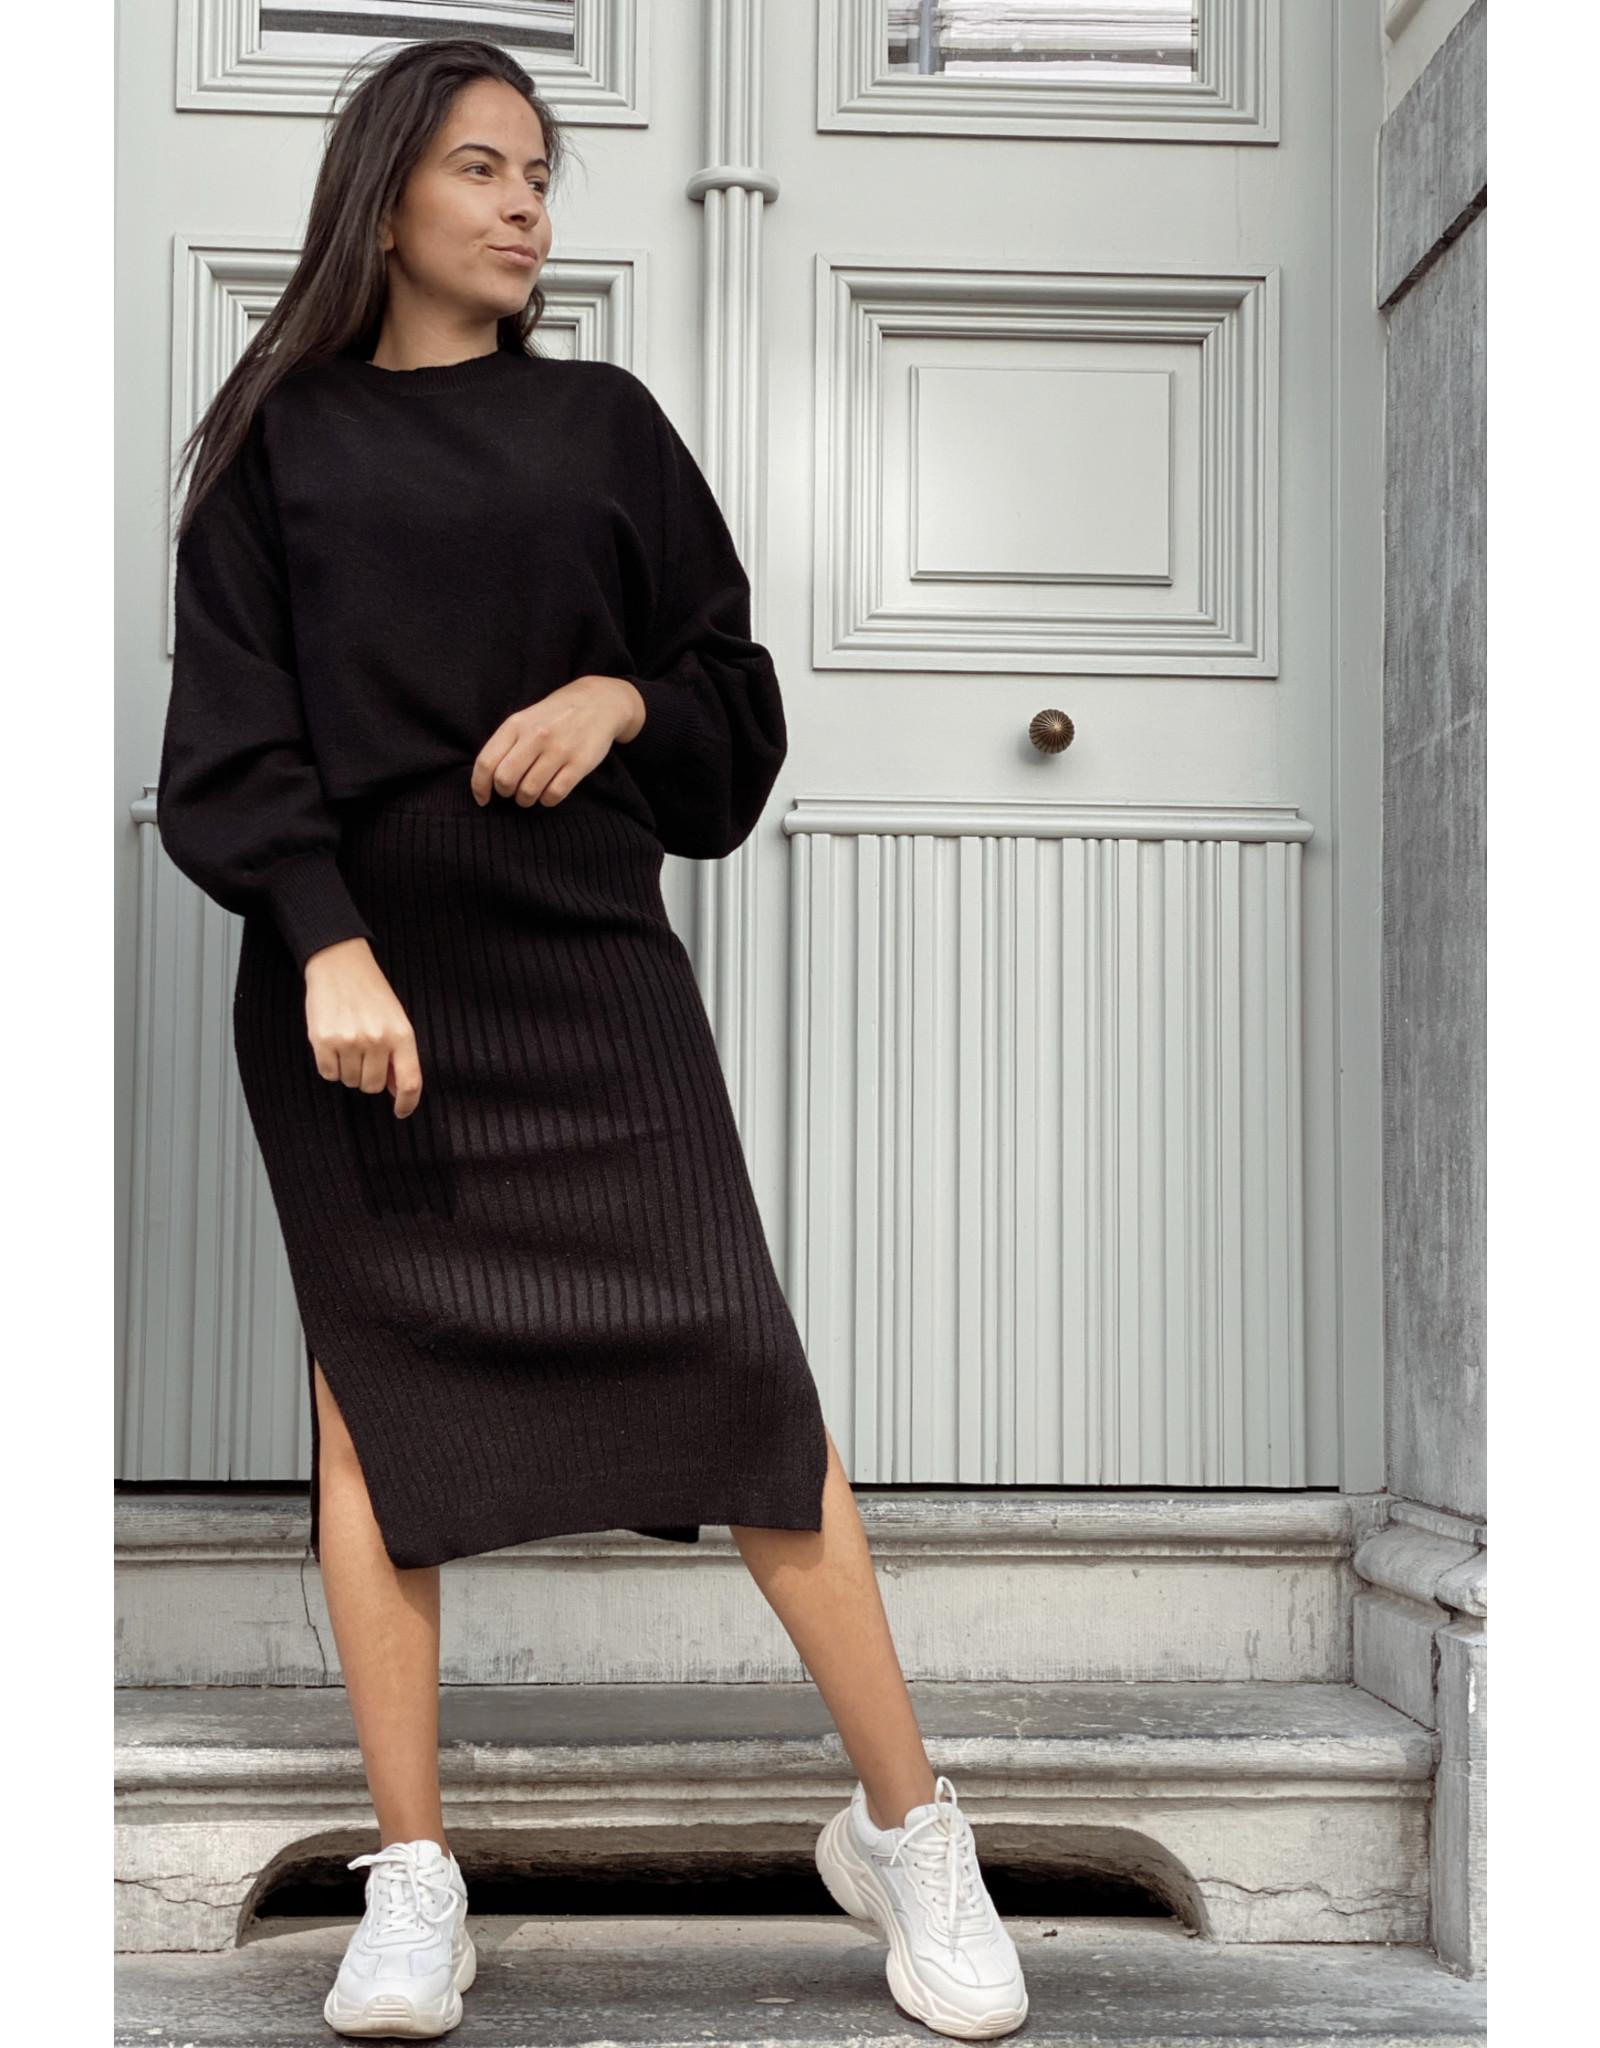 NA-KD NA-KD Cropped knitted sweater black